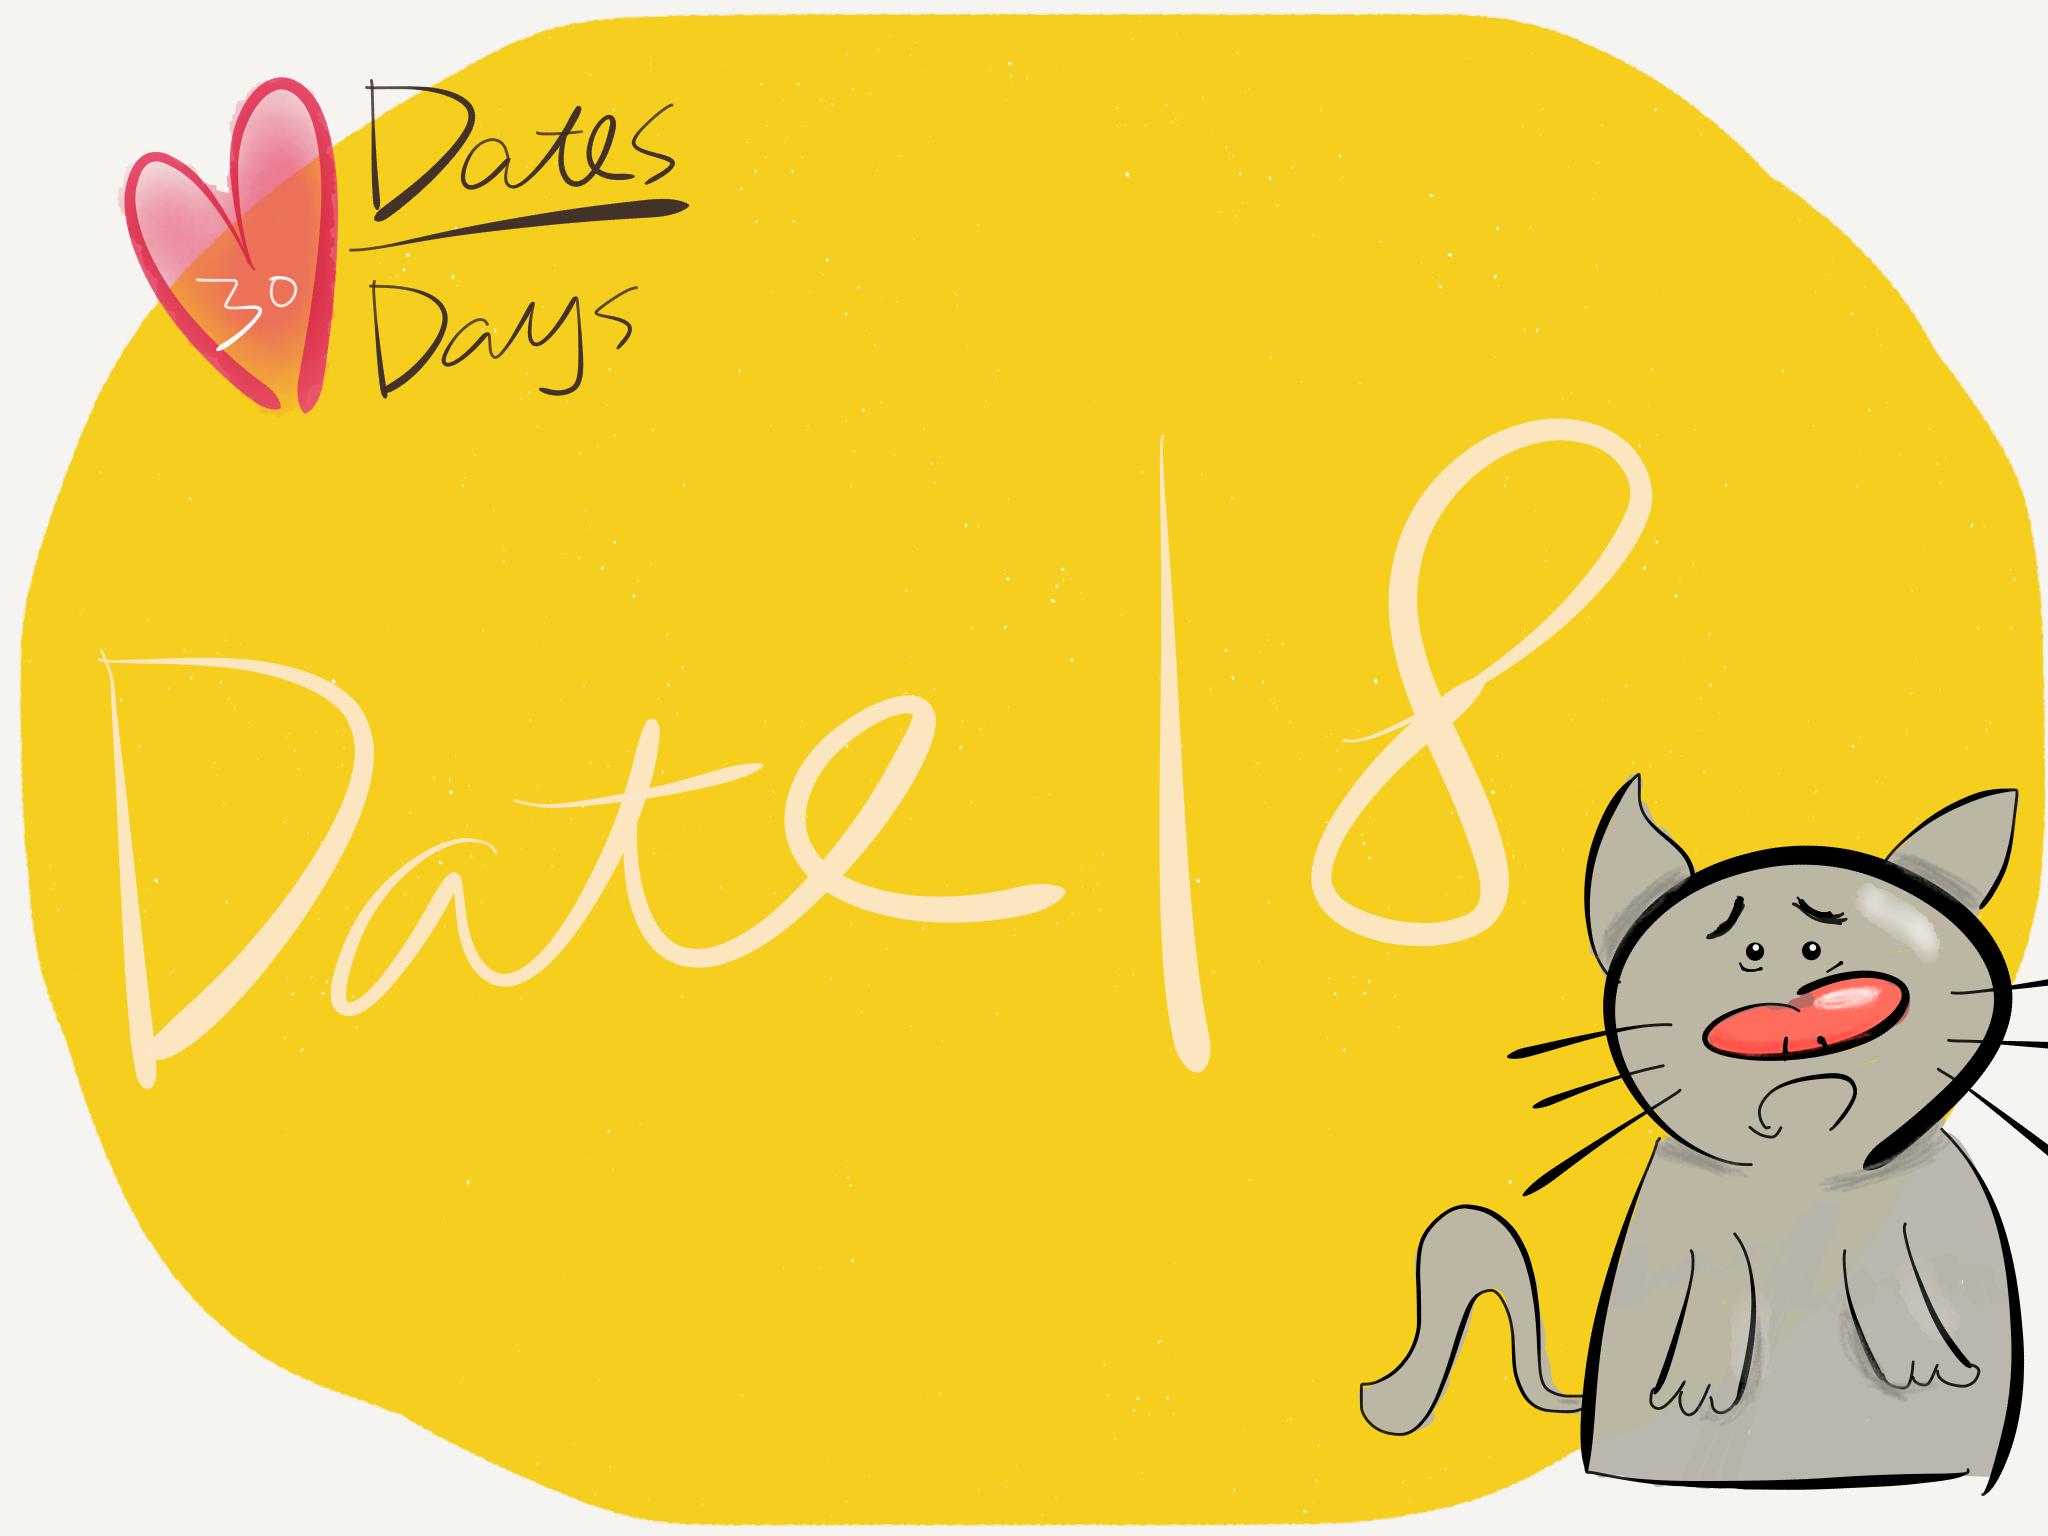 30 Dates - 21